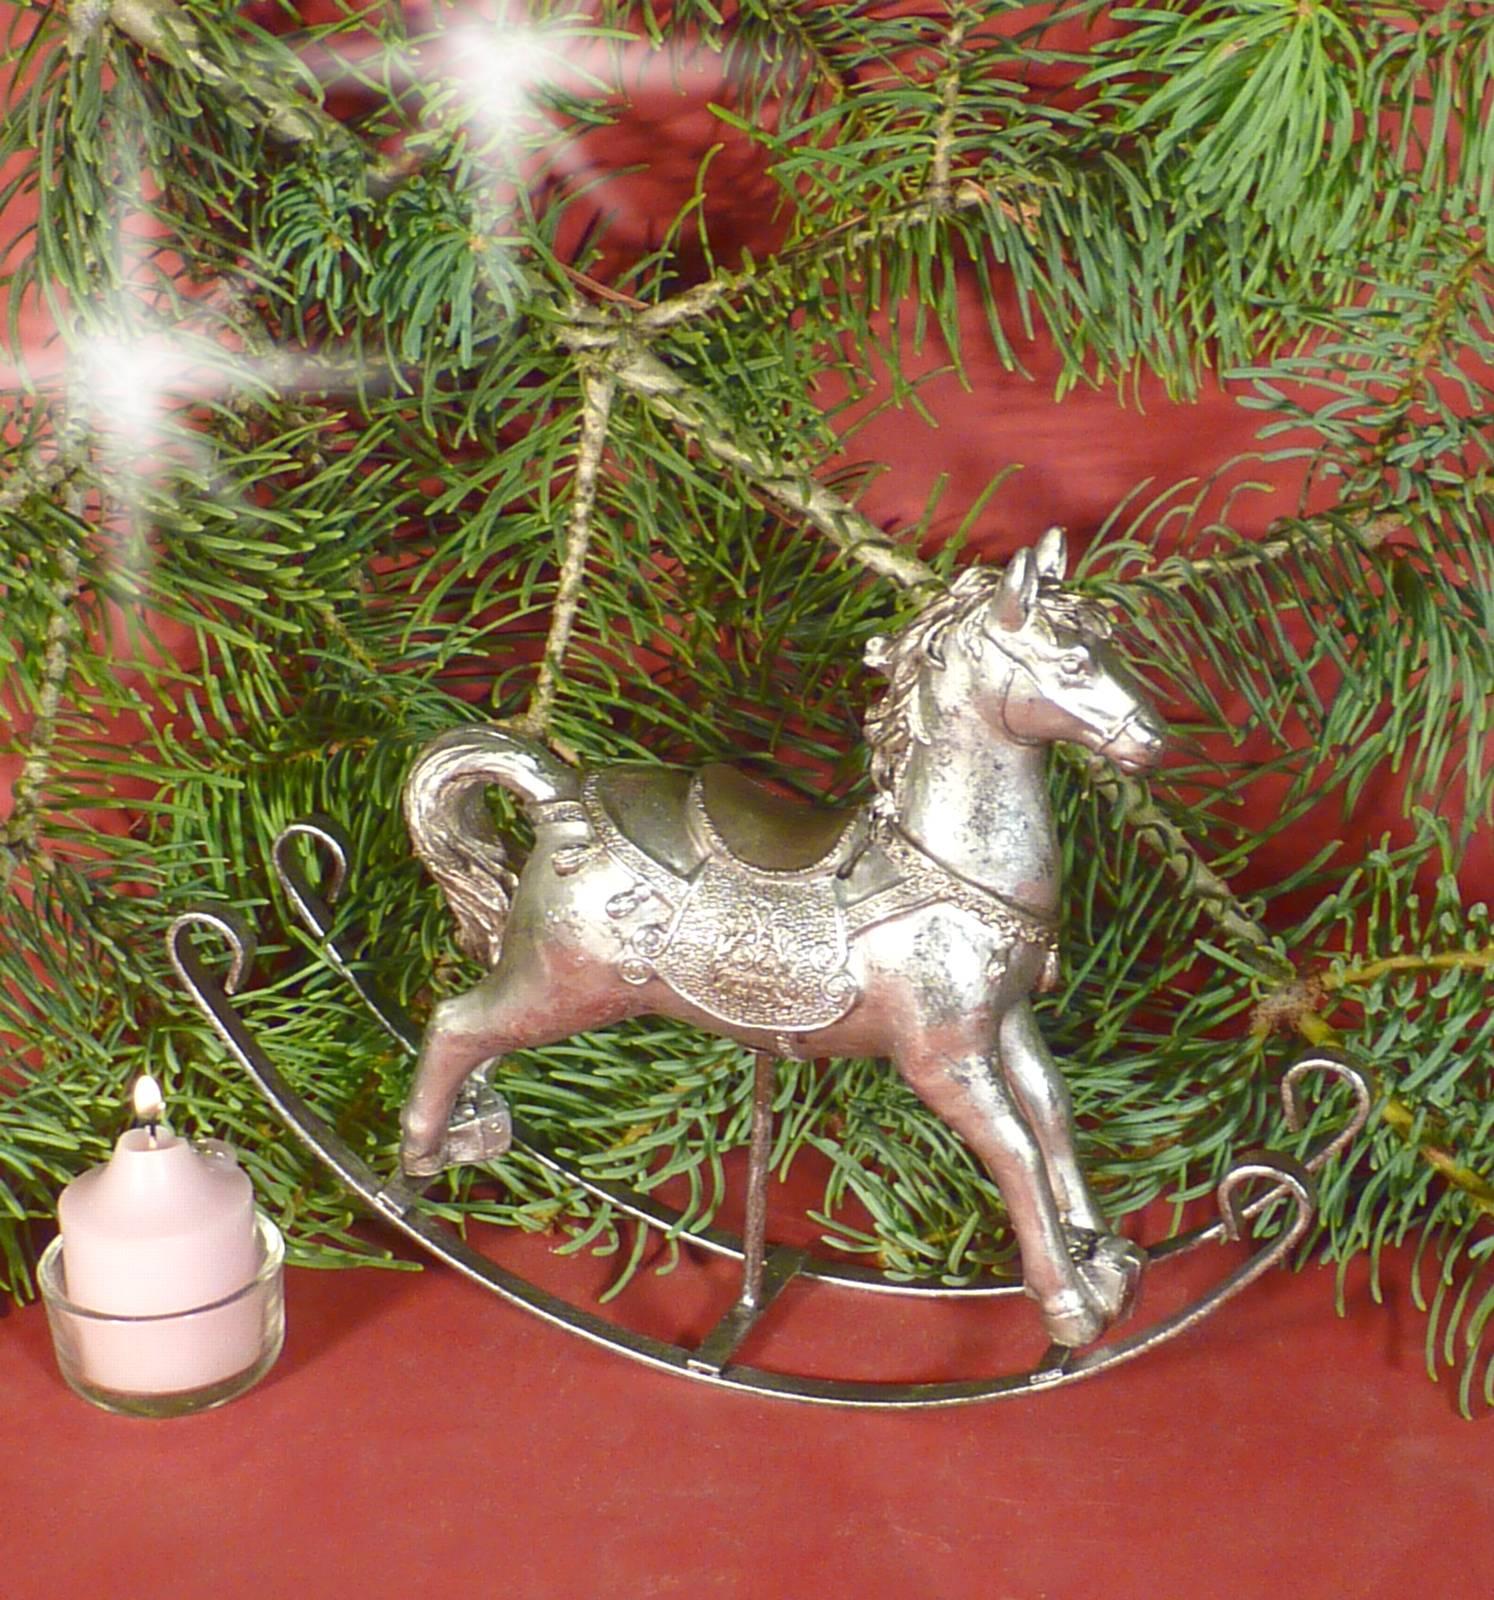 Nostalgie Schaukelpferd Pferd Deko Figur Creme Vintage: NOSTALGIE Schaukelpferd Pferd Deko Figur Silber Vintage